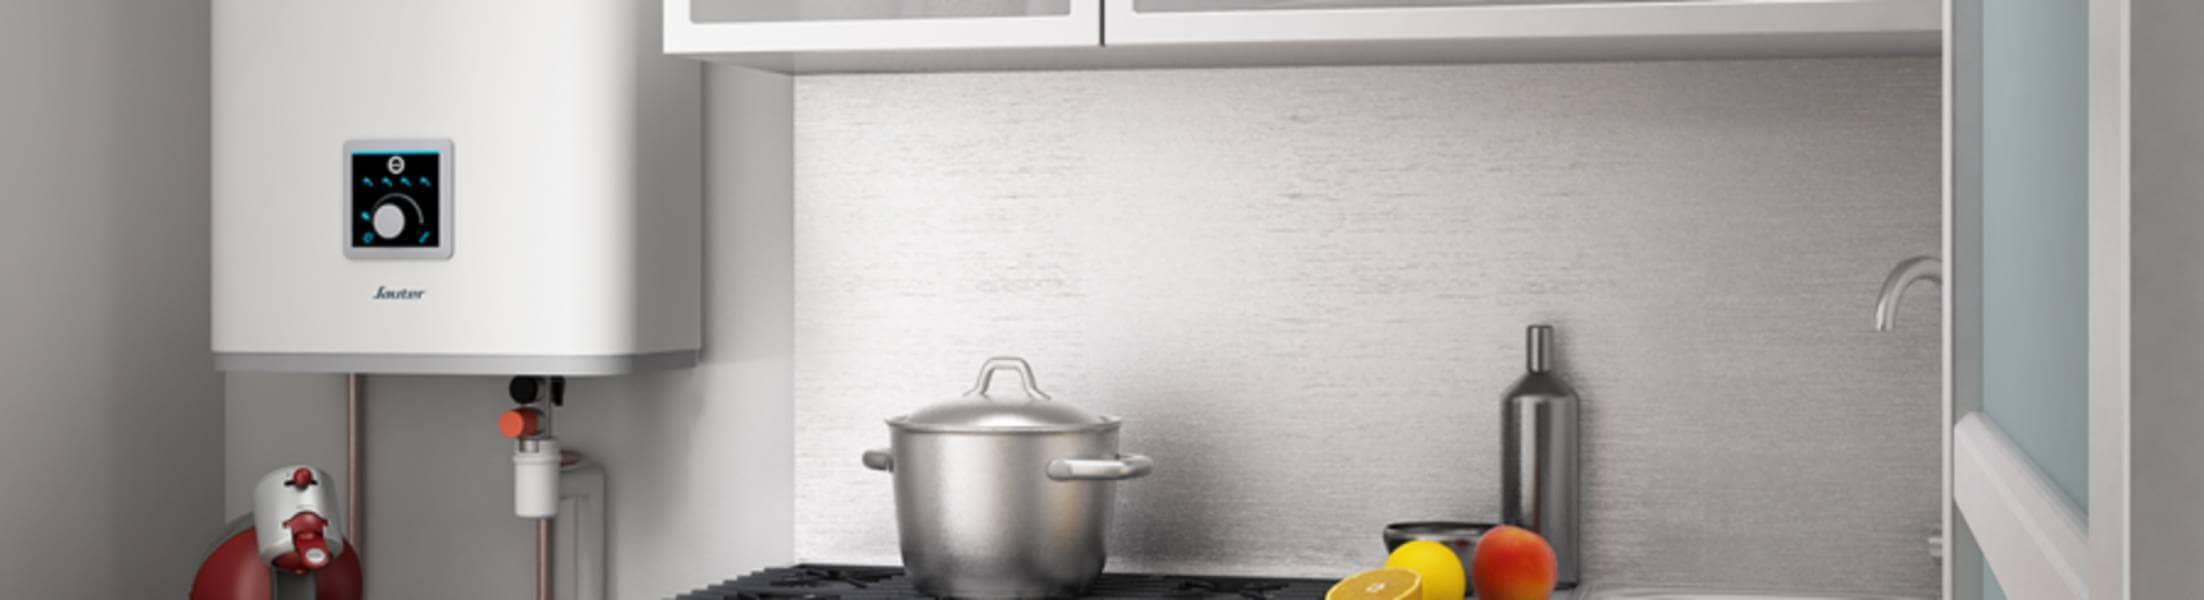 fuite chauffe eau par le haut cheap with fuite chauffe eau par le haut best fuite chauffe eau. Black Bedroom Furniture Sets. Home Design Ideas